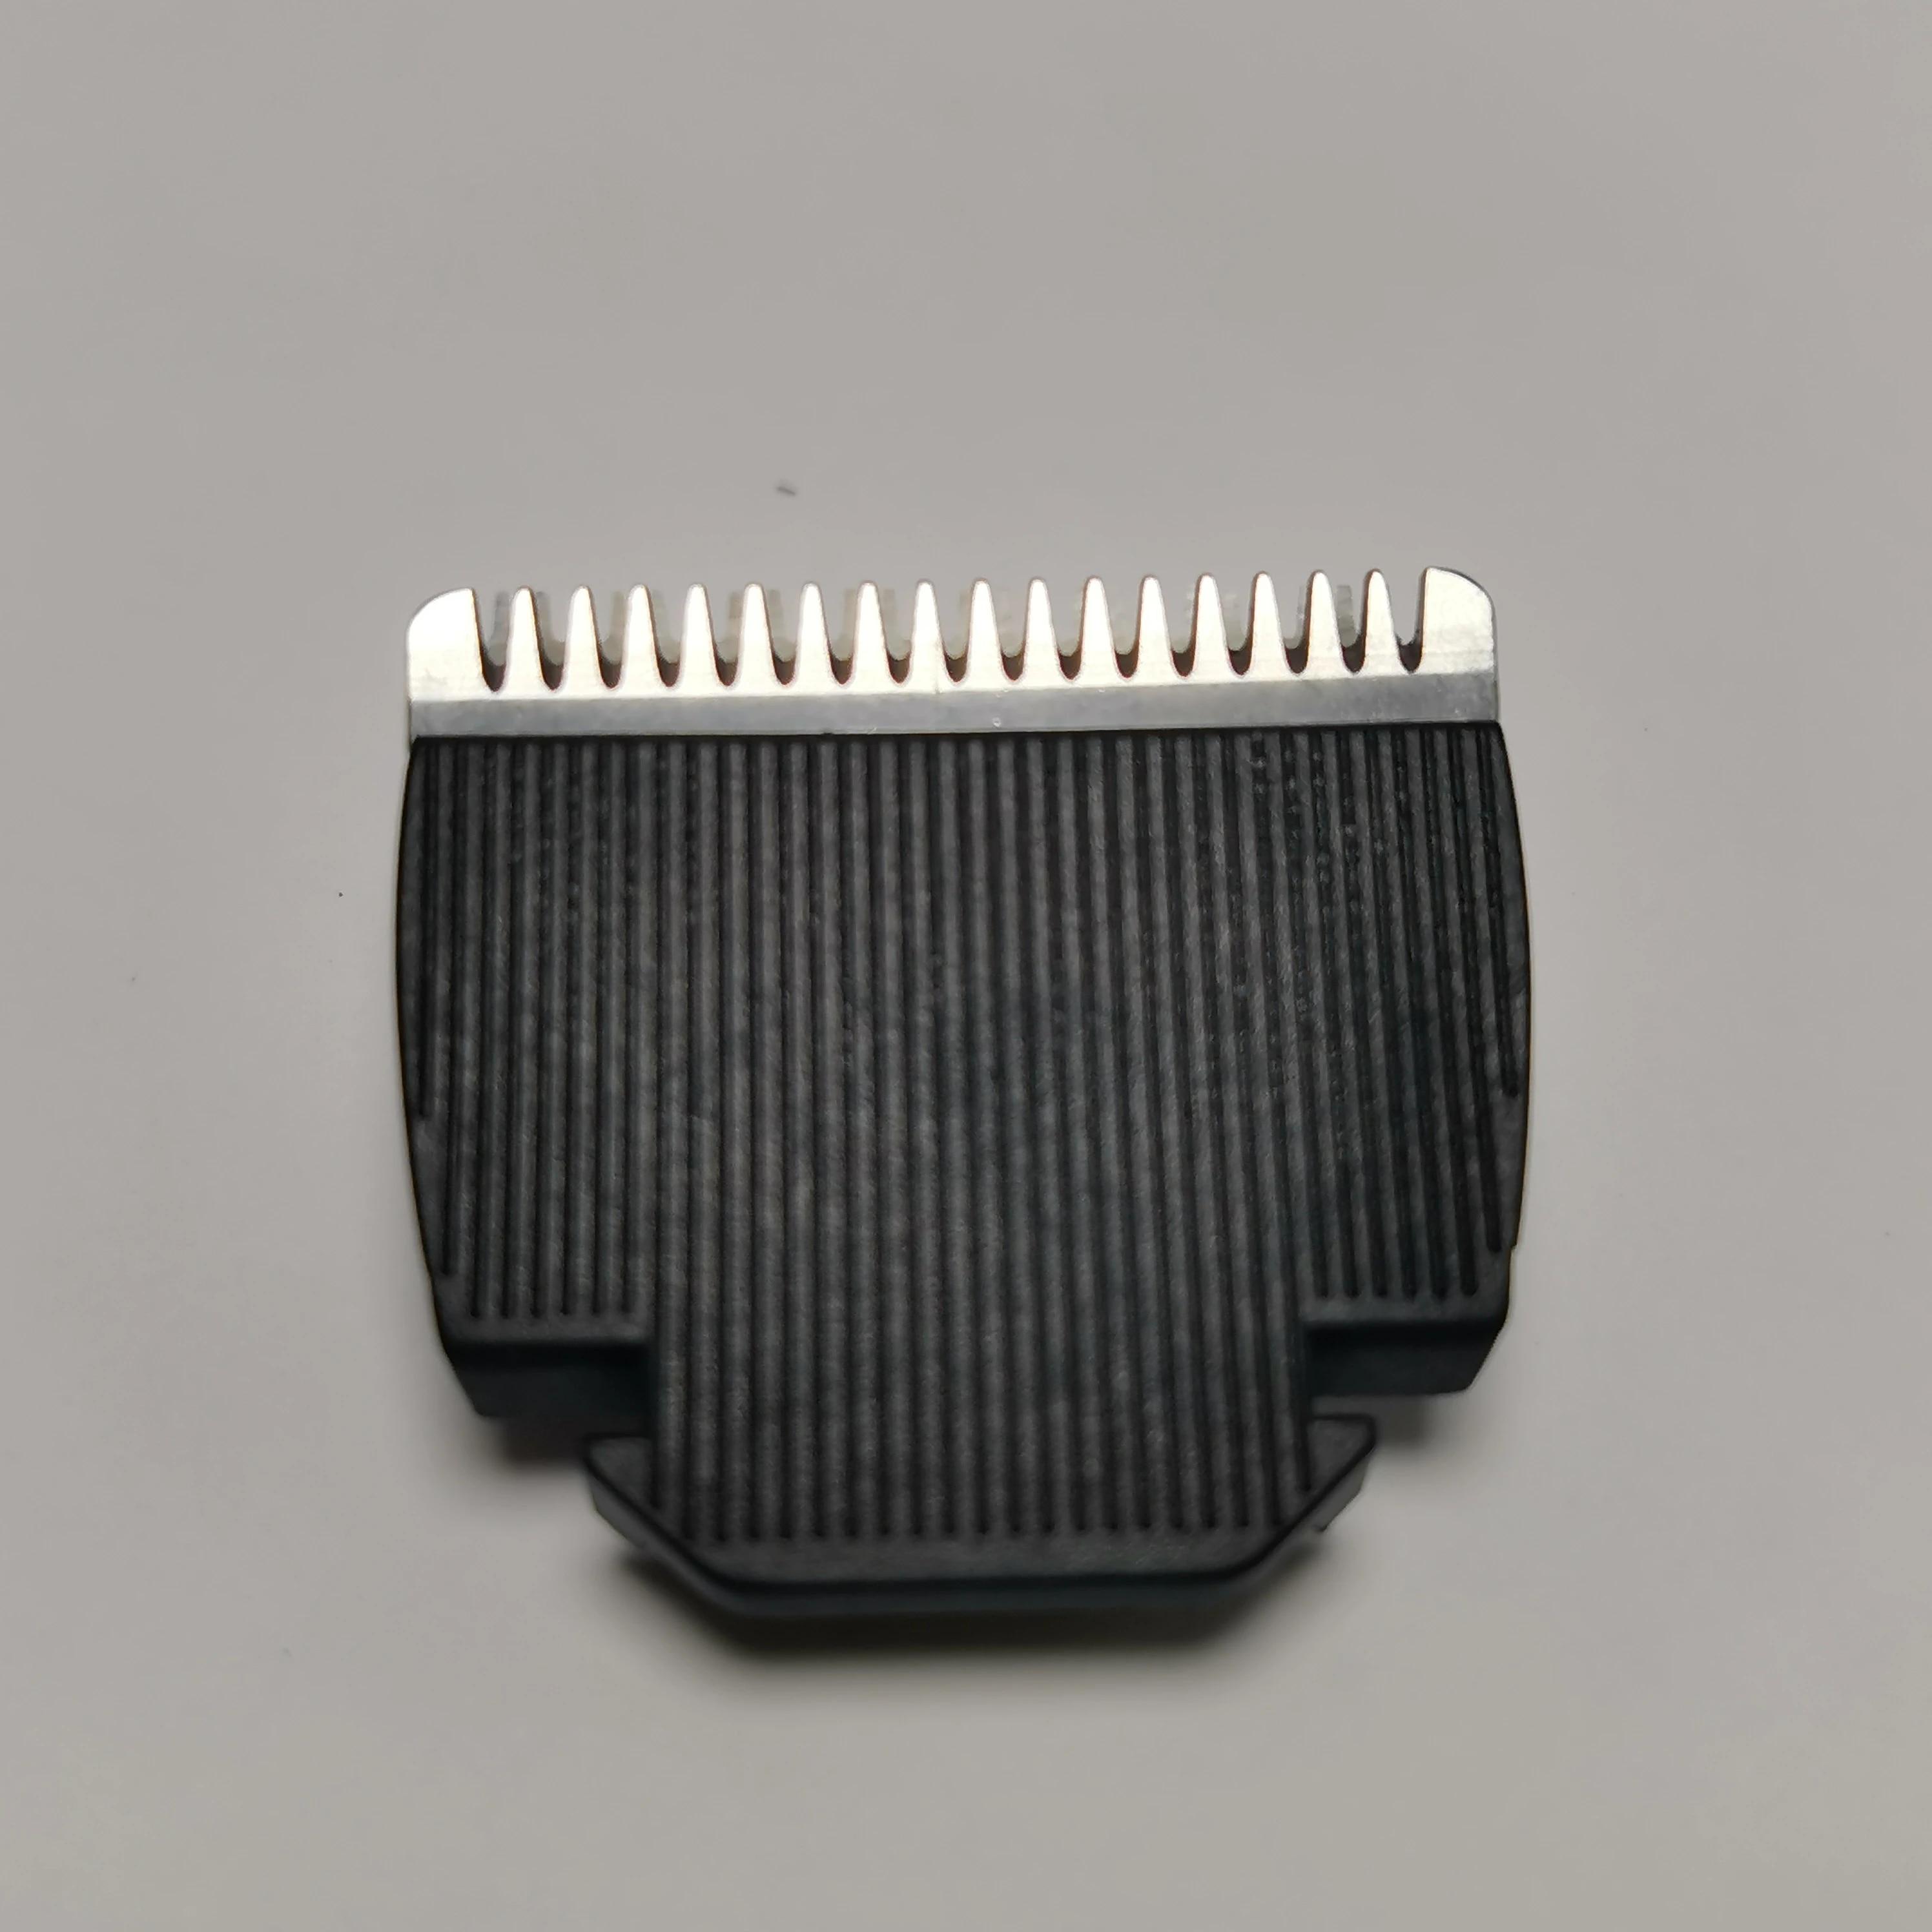 lame de tete de coupe pour tondeuse a cheveux philips pour modeles qt4018 qt4018 49 qt4014 42 qt4013 qt4013 23 qt4005 13 qt4005